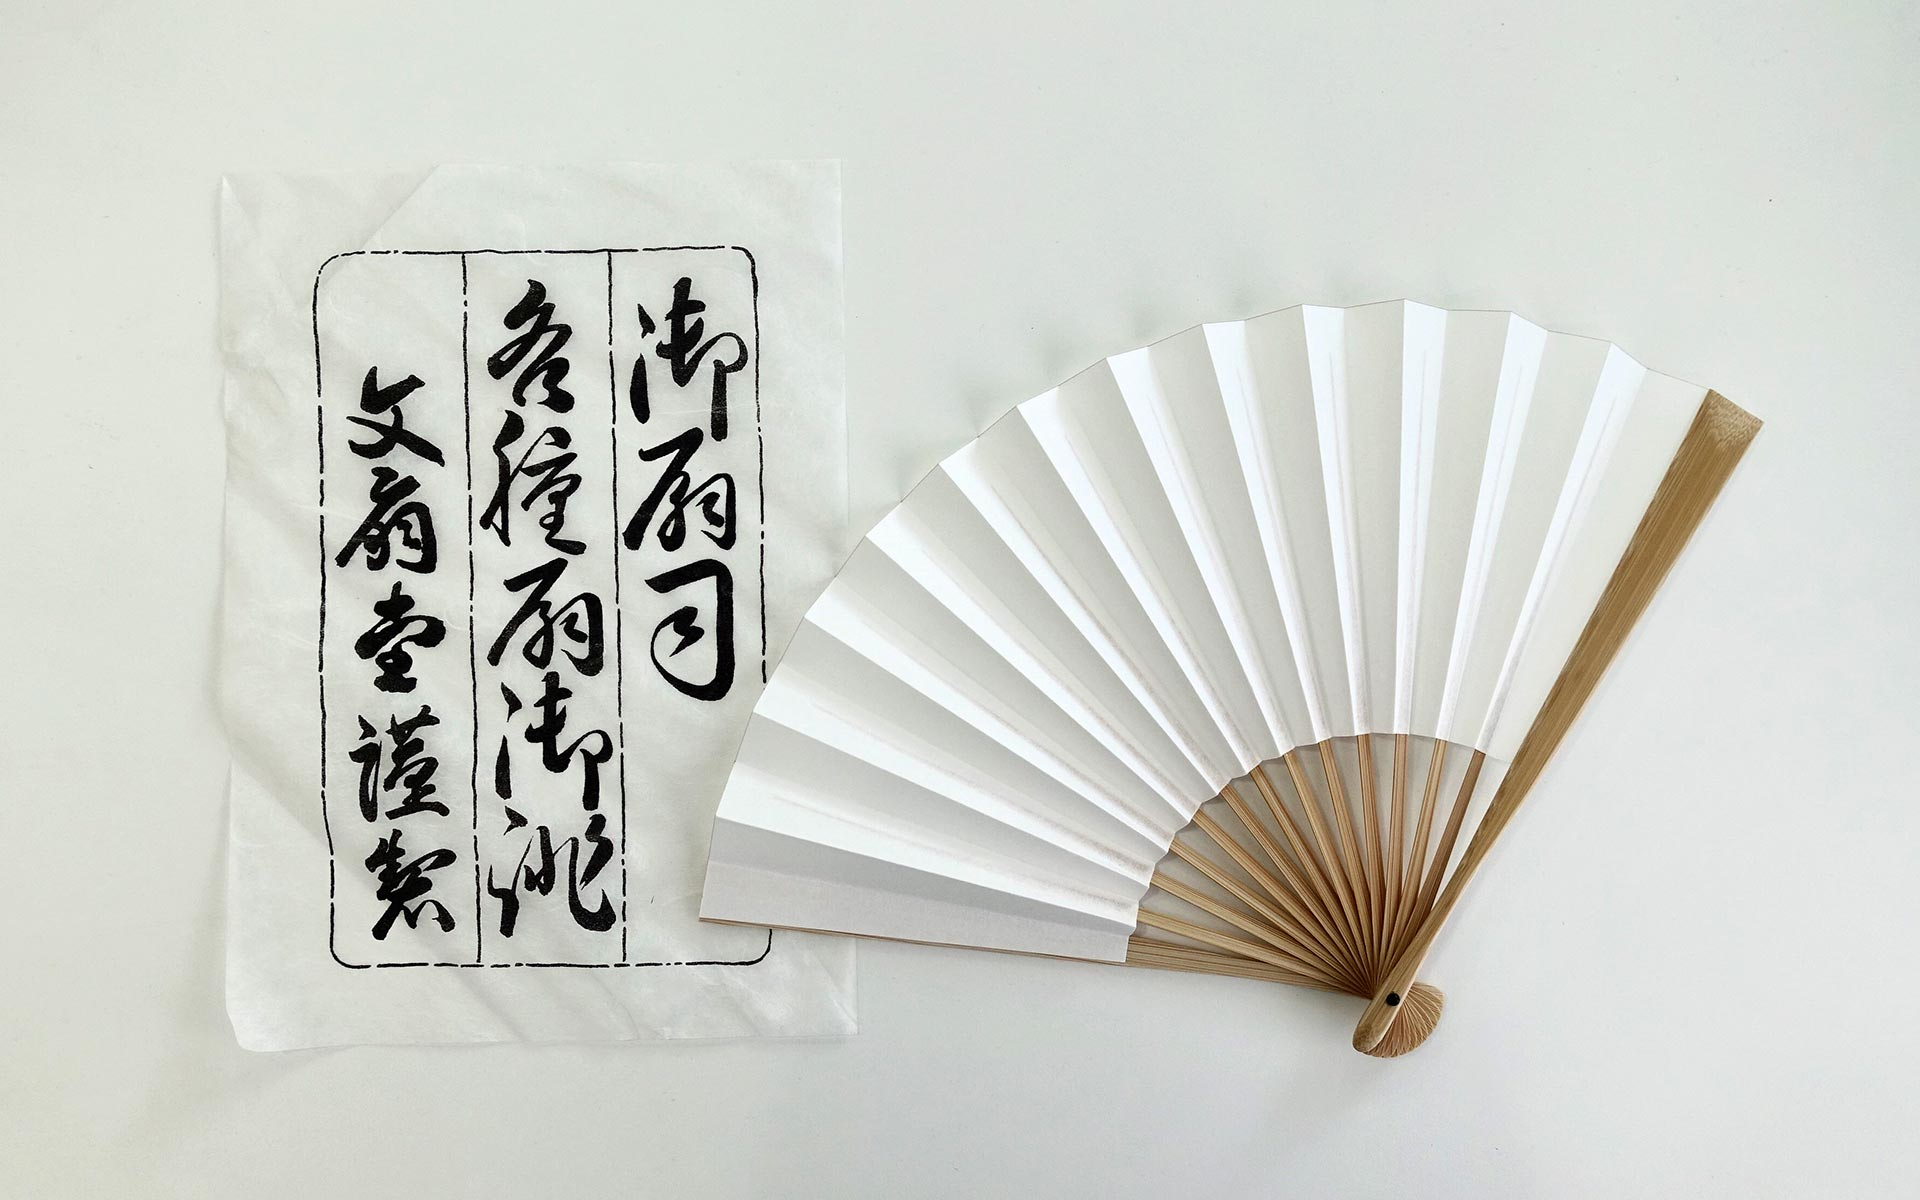 京扇子と江戸扇子の特徴や違いは?扇子のデザインに込められた意味を探る